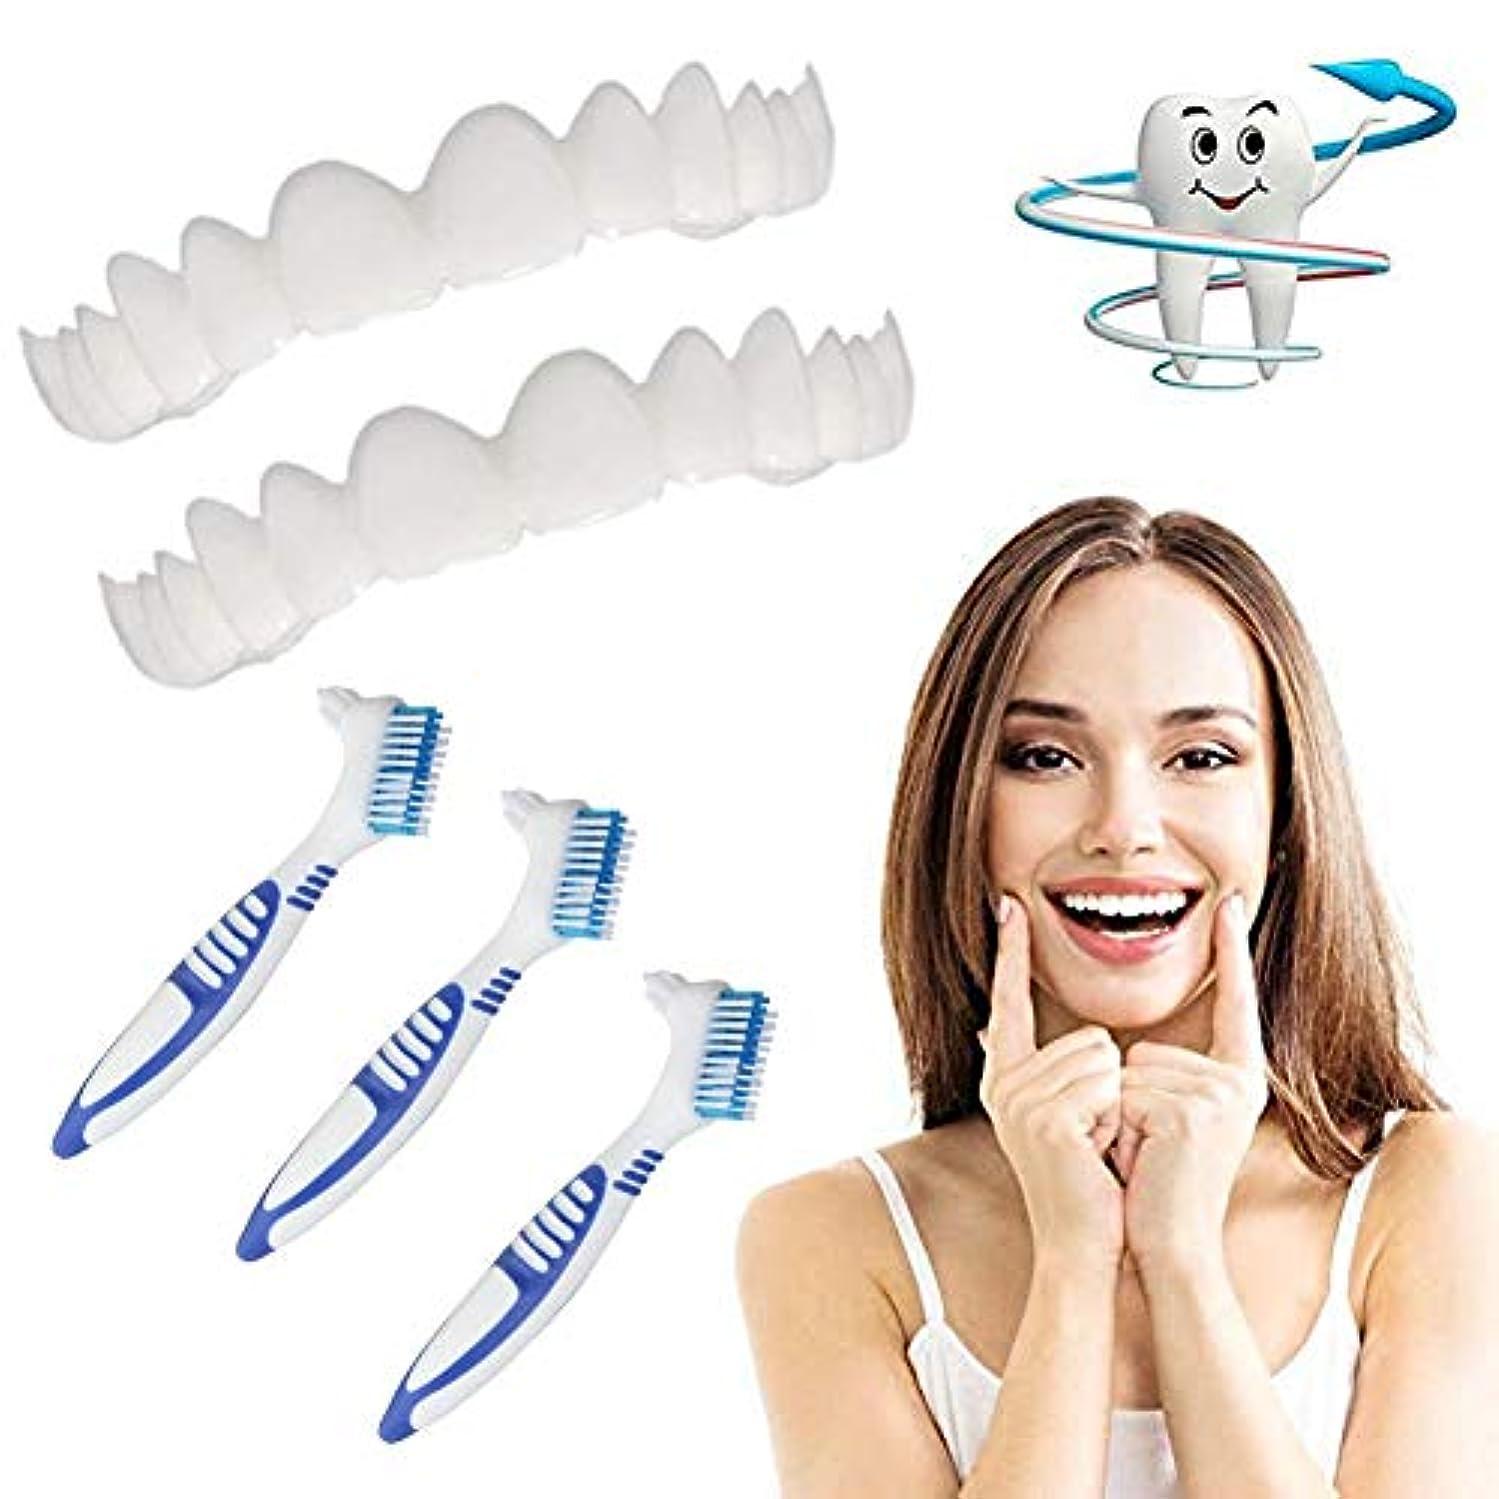 革新オン証人3pcsの大人のスナップ下の歯のパーフェクトスマイルホワイトニング義歯フィットフレックス化粧歯快適なベニヤカバーデンタルケアアクセサリー